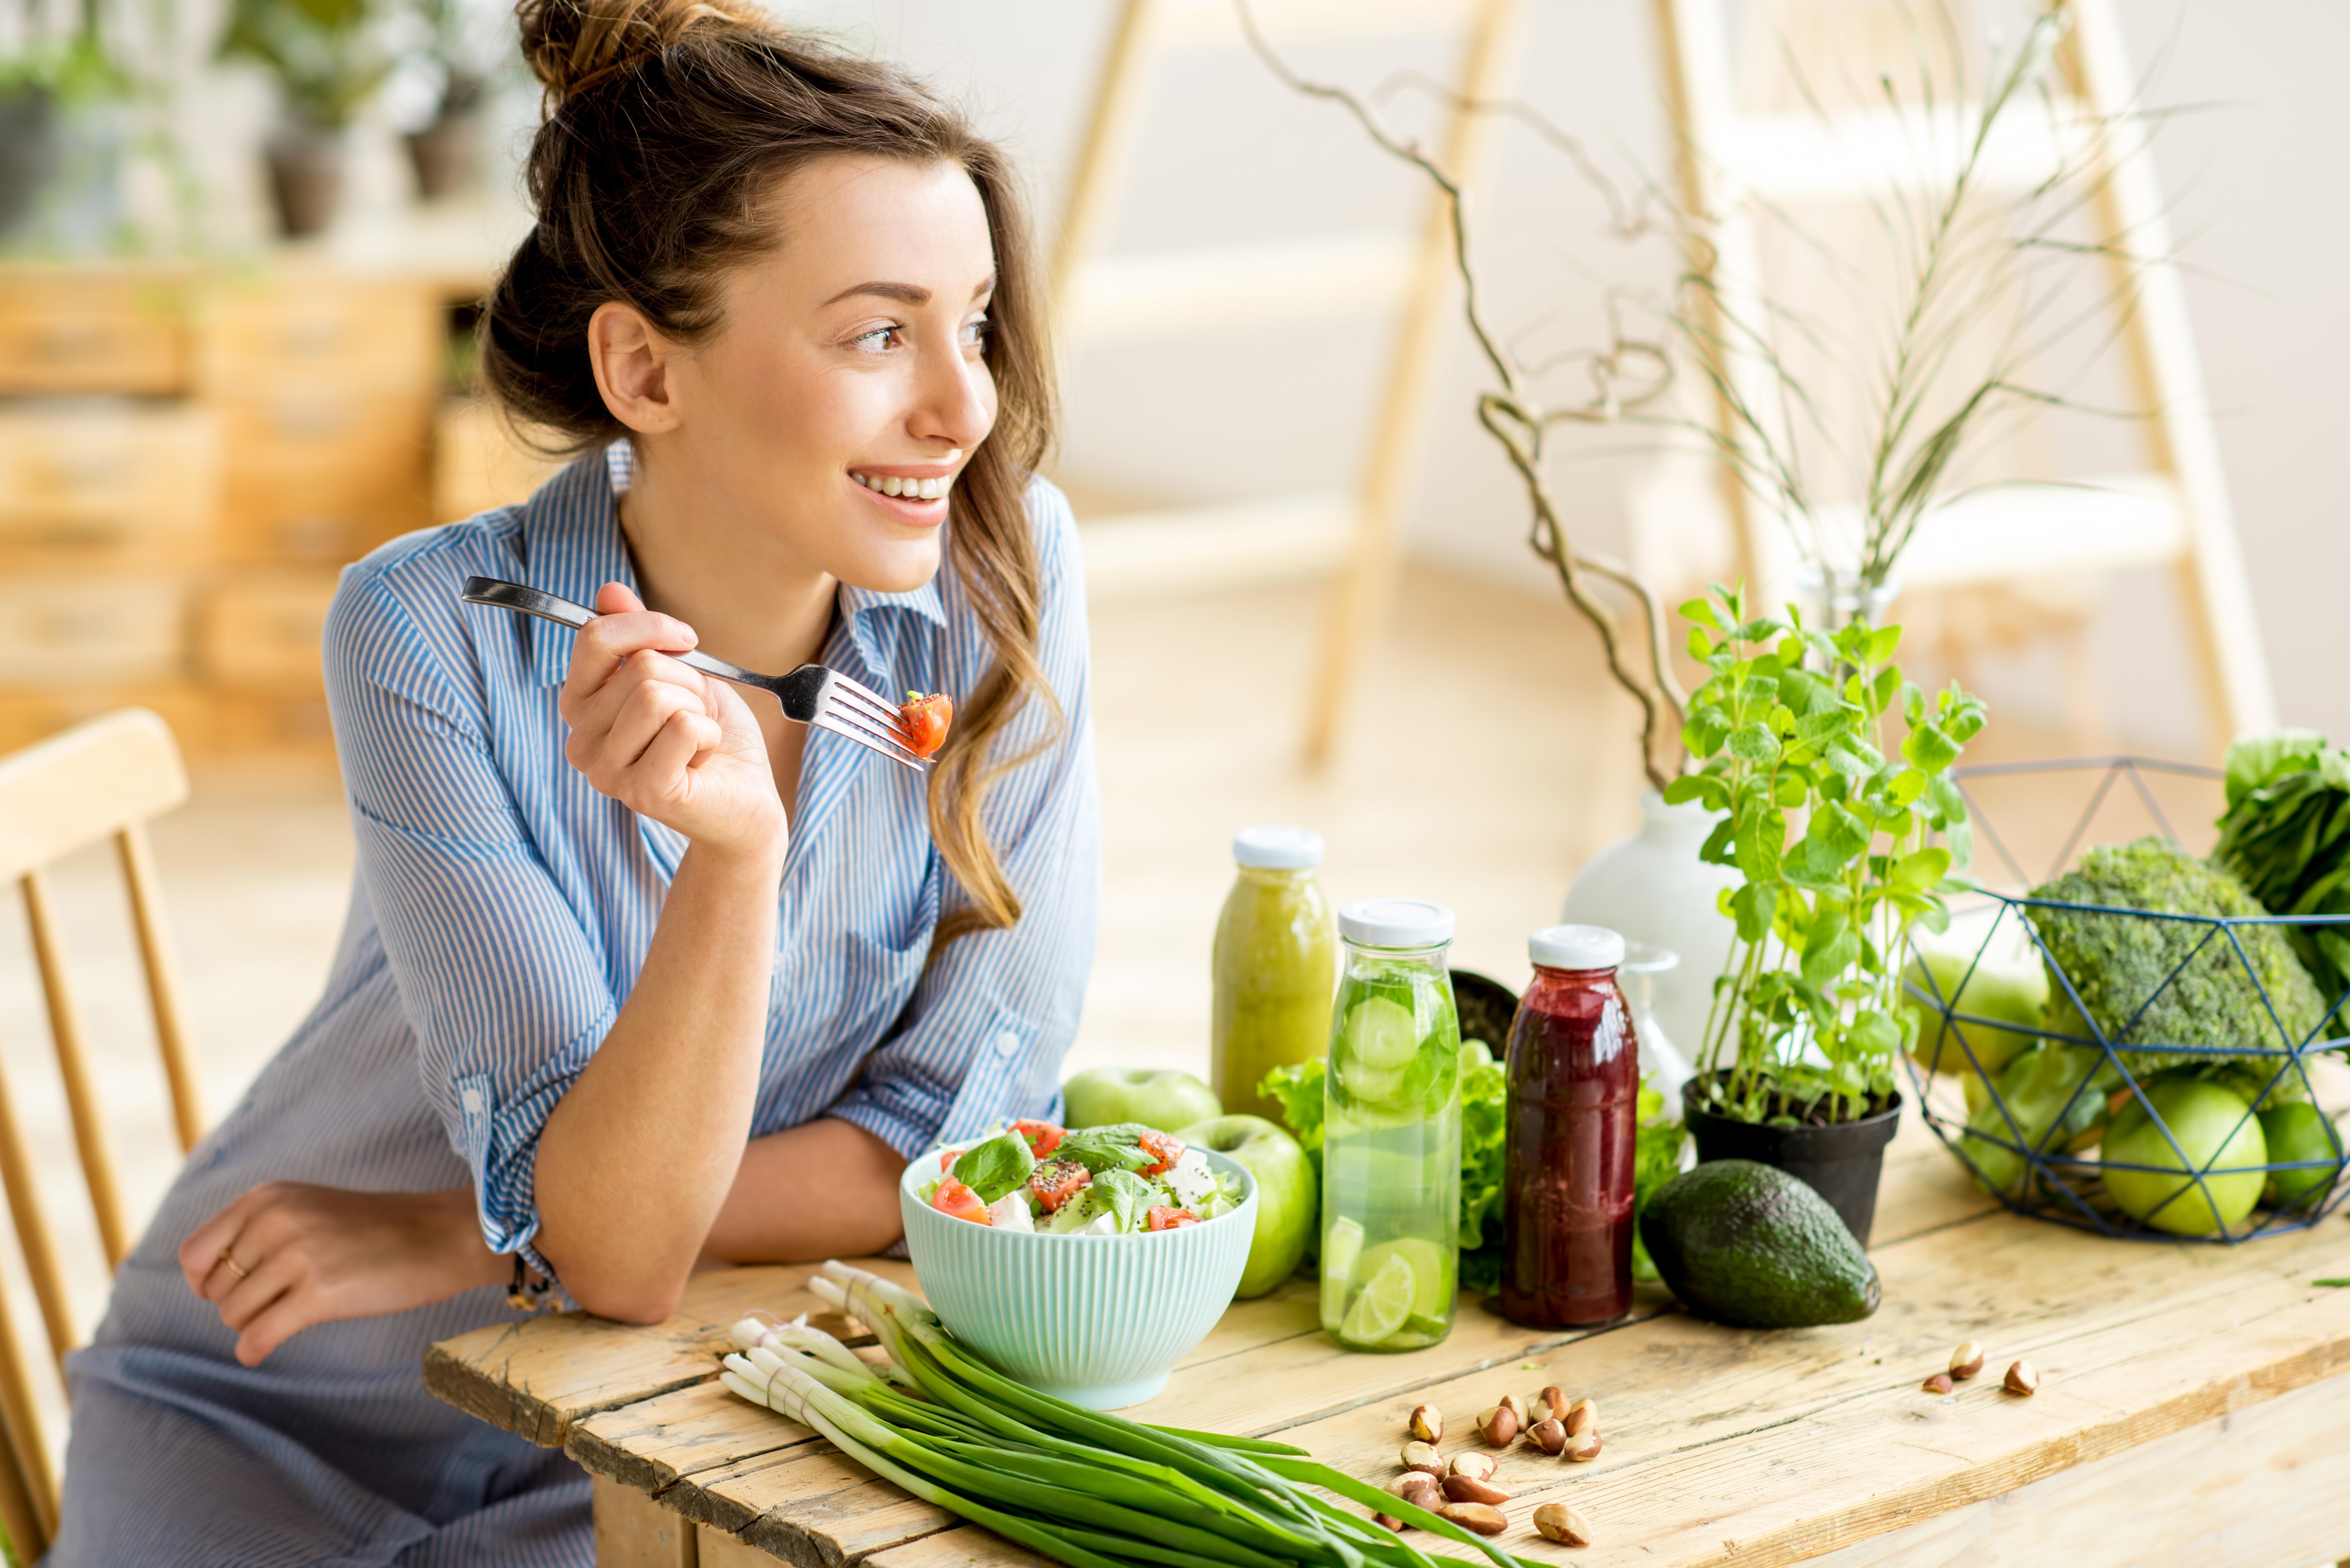 Frau mit Nahrungsmitteln